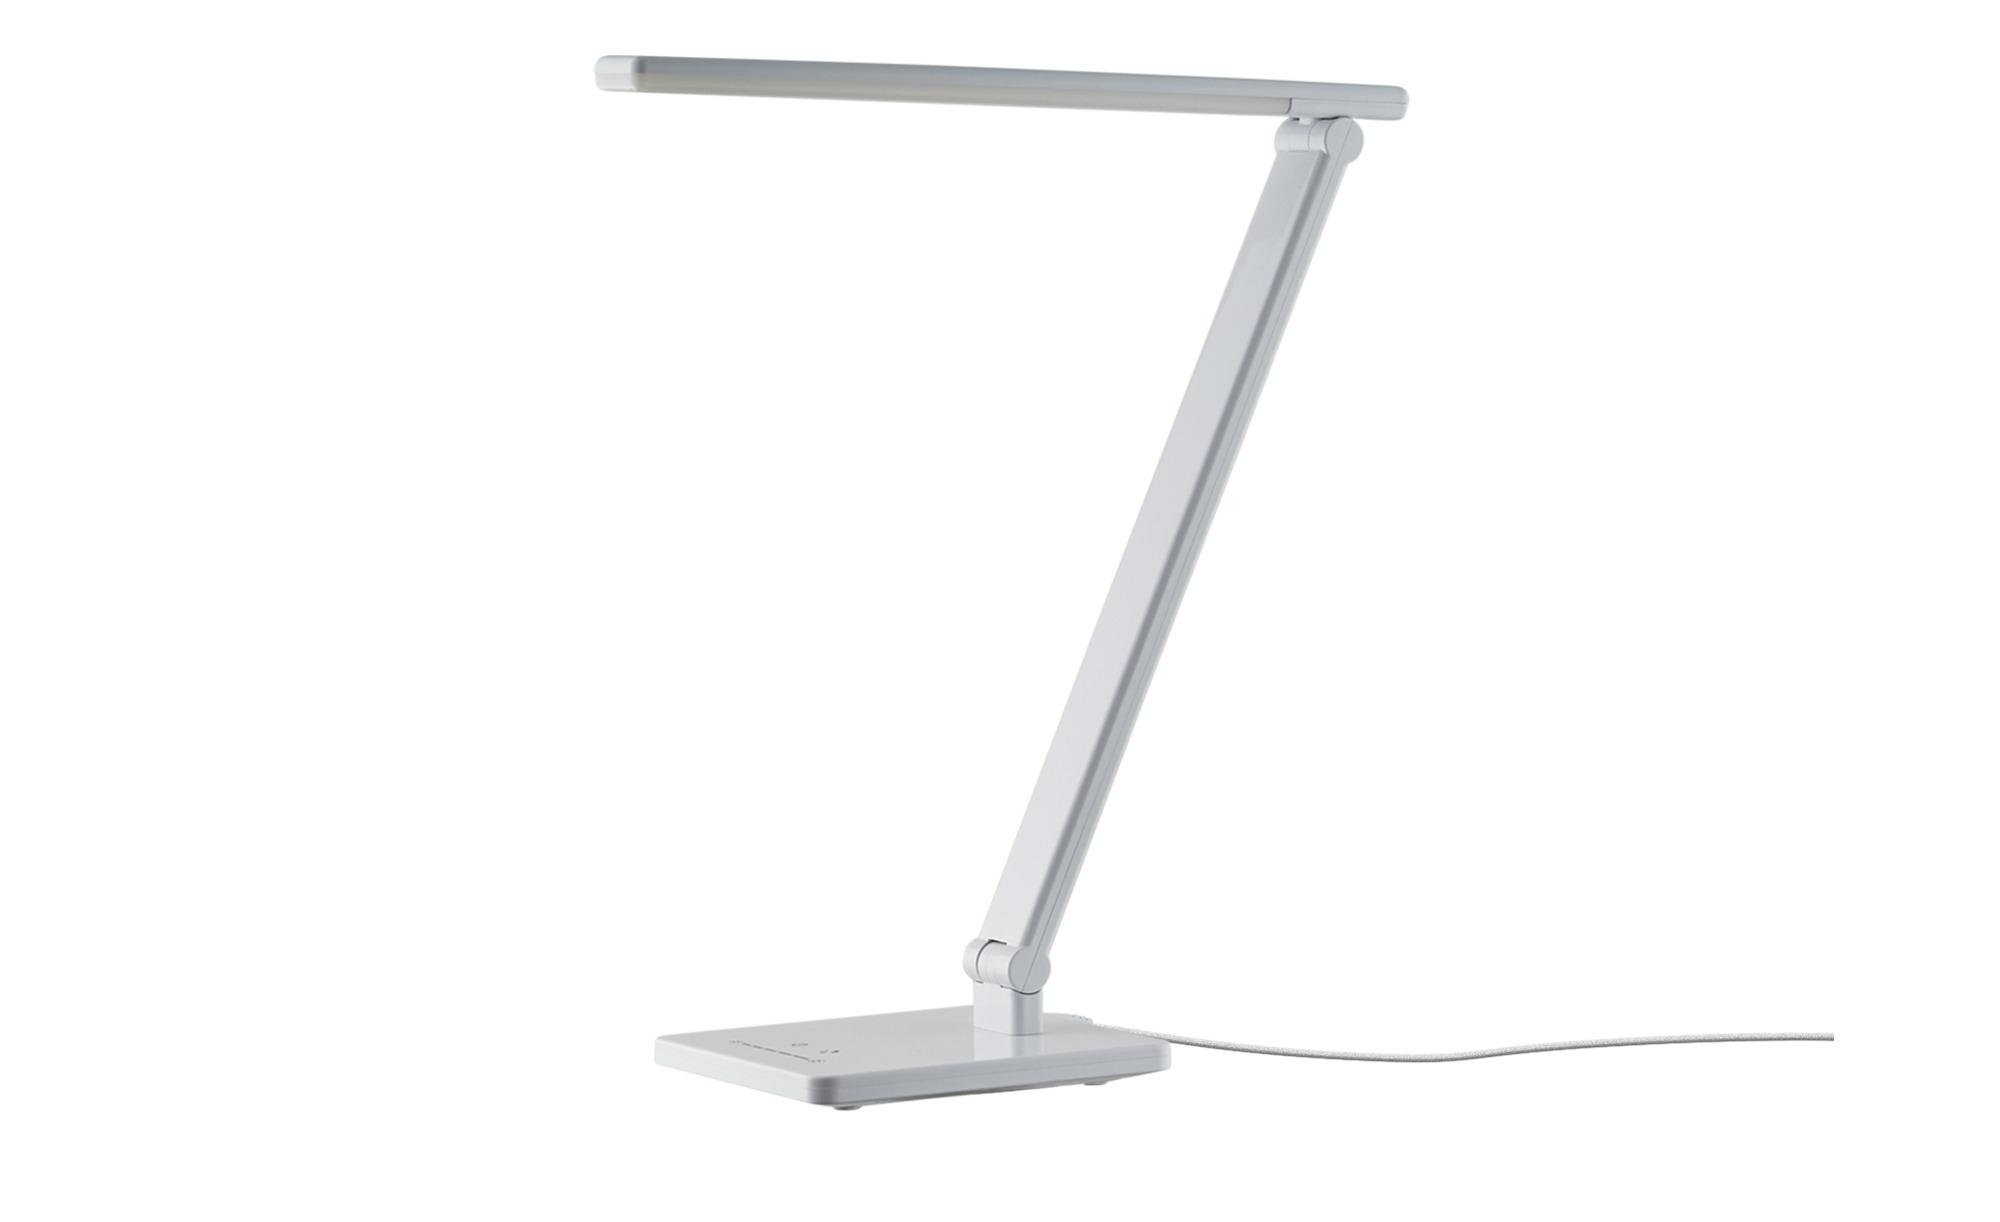 KHG LED-Tischleuchte, Weiß ¦ weiß ¦ Maße (cm): B: 16 H: 39 Lampen & Leuchten > Innenleuchten > Tischlampen - Höffner